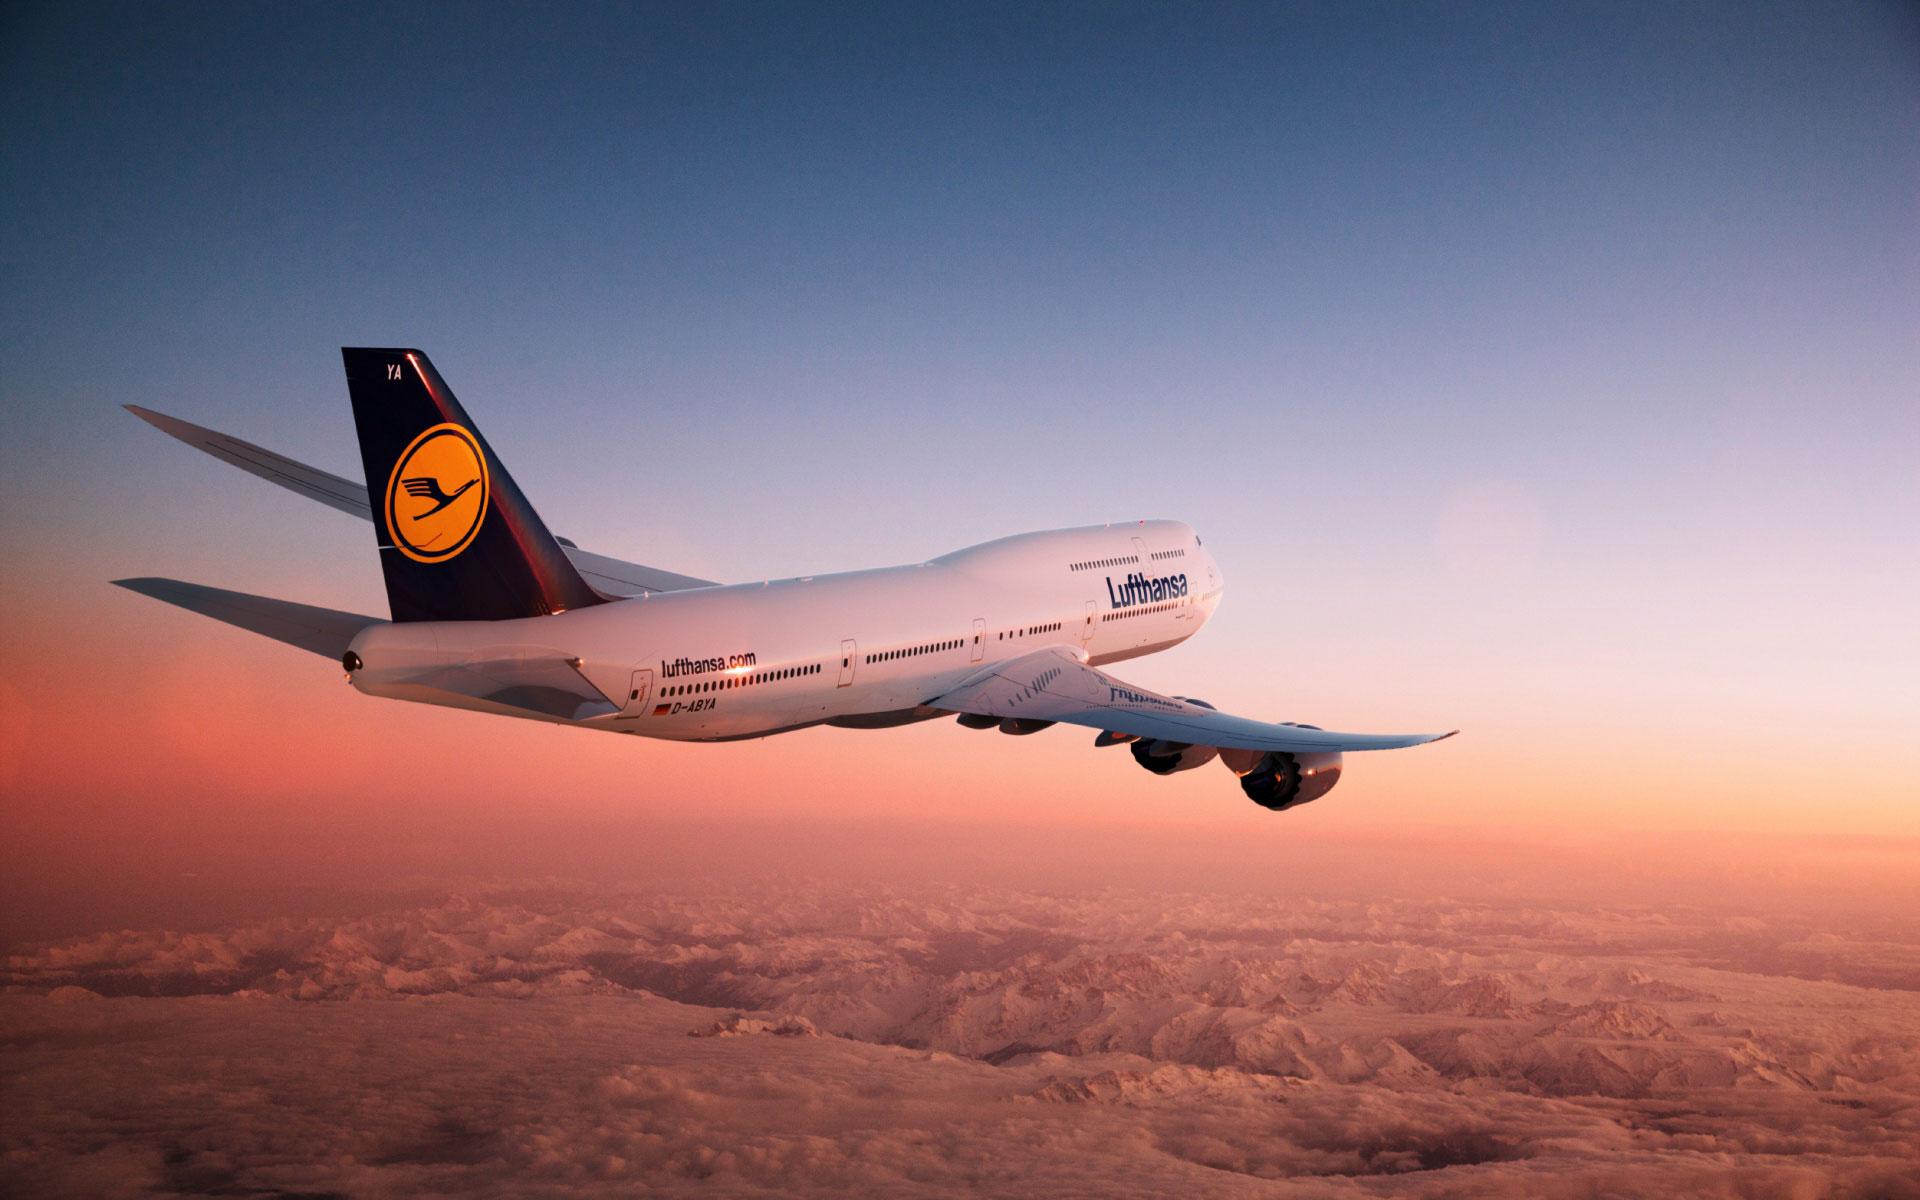 самолет горы красивый вид